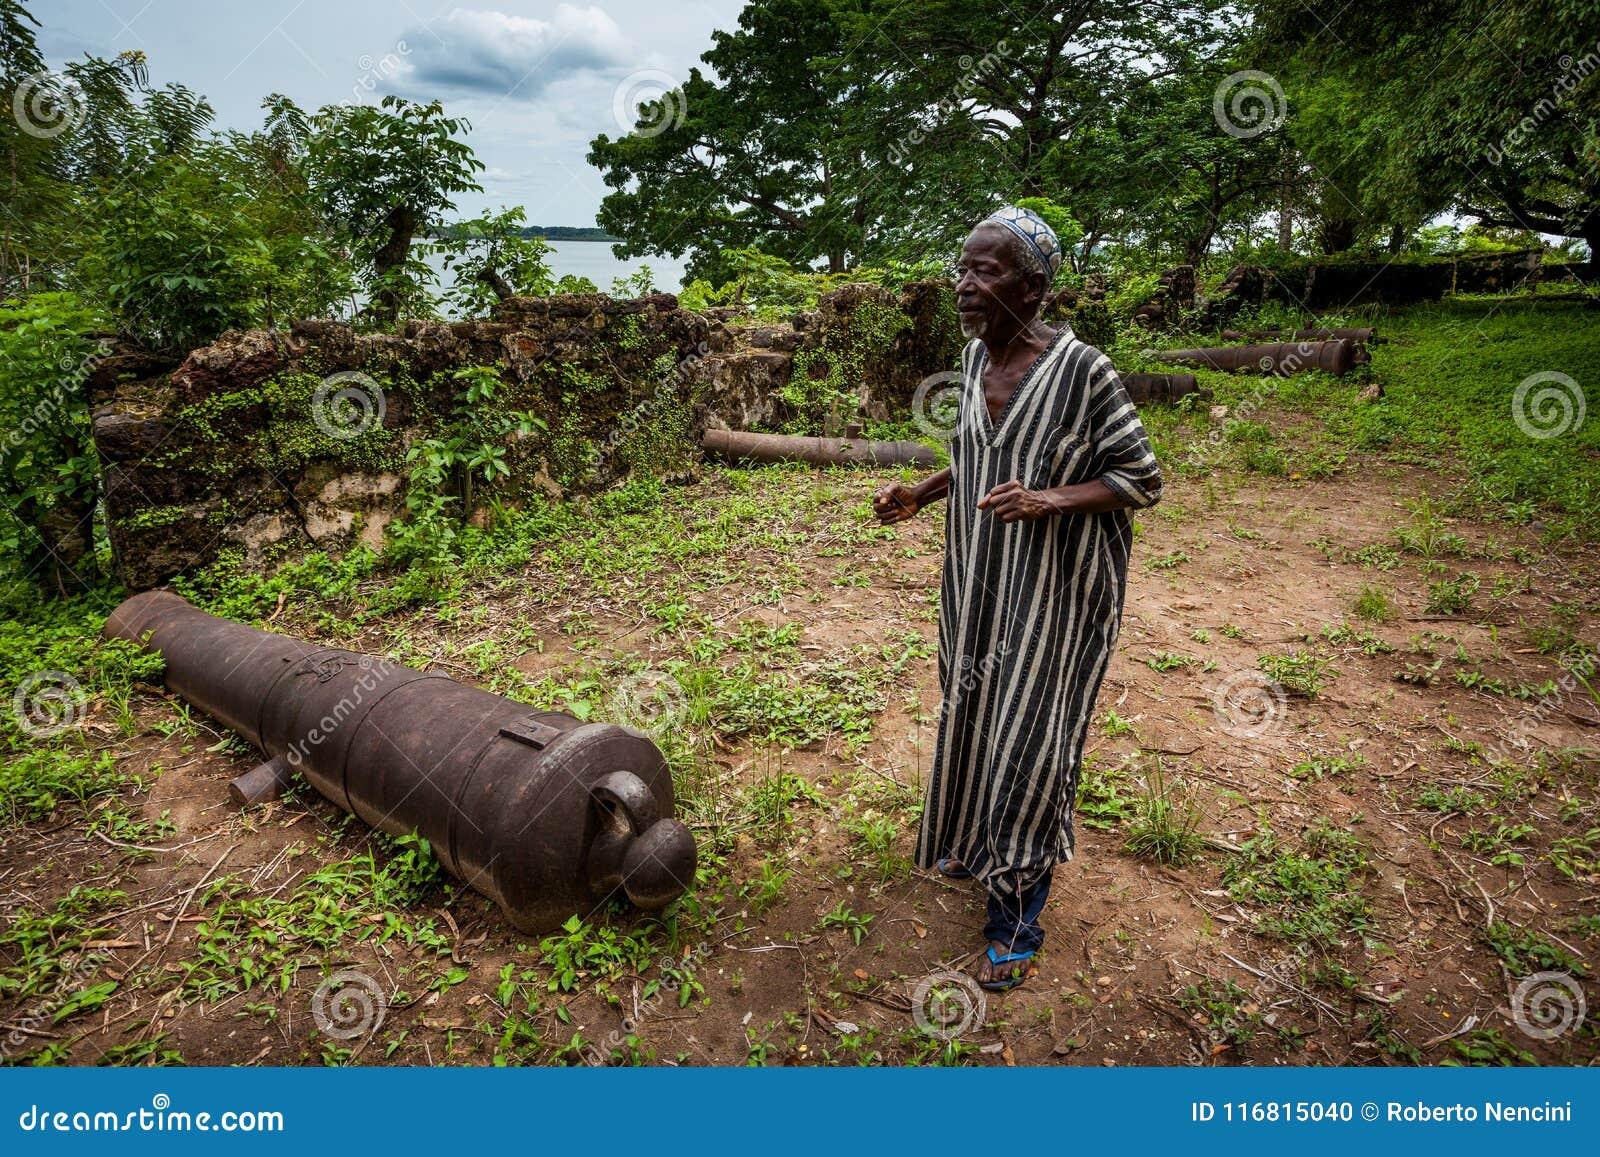 Isola di Bunce, Sierra Leone, Africa occidentale - commercio britannico dello schiavo